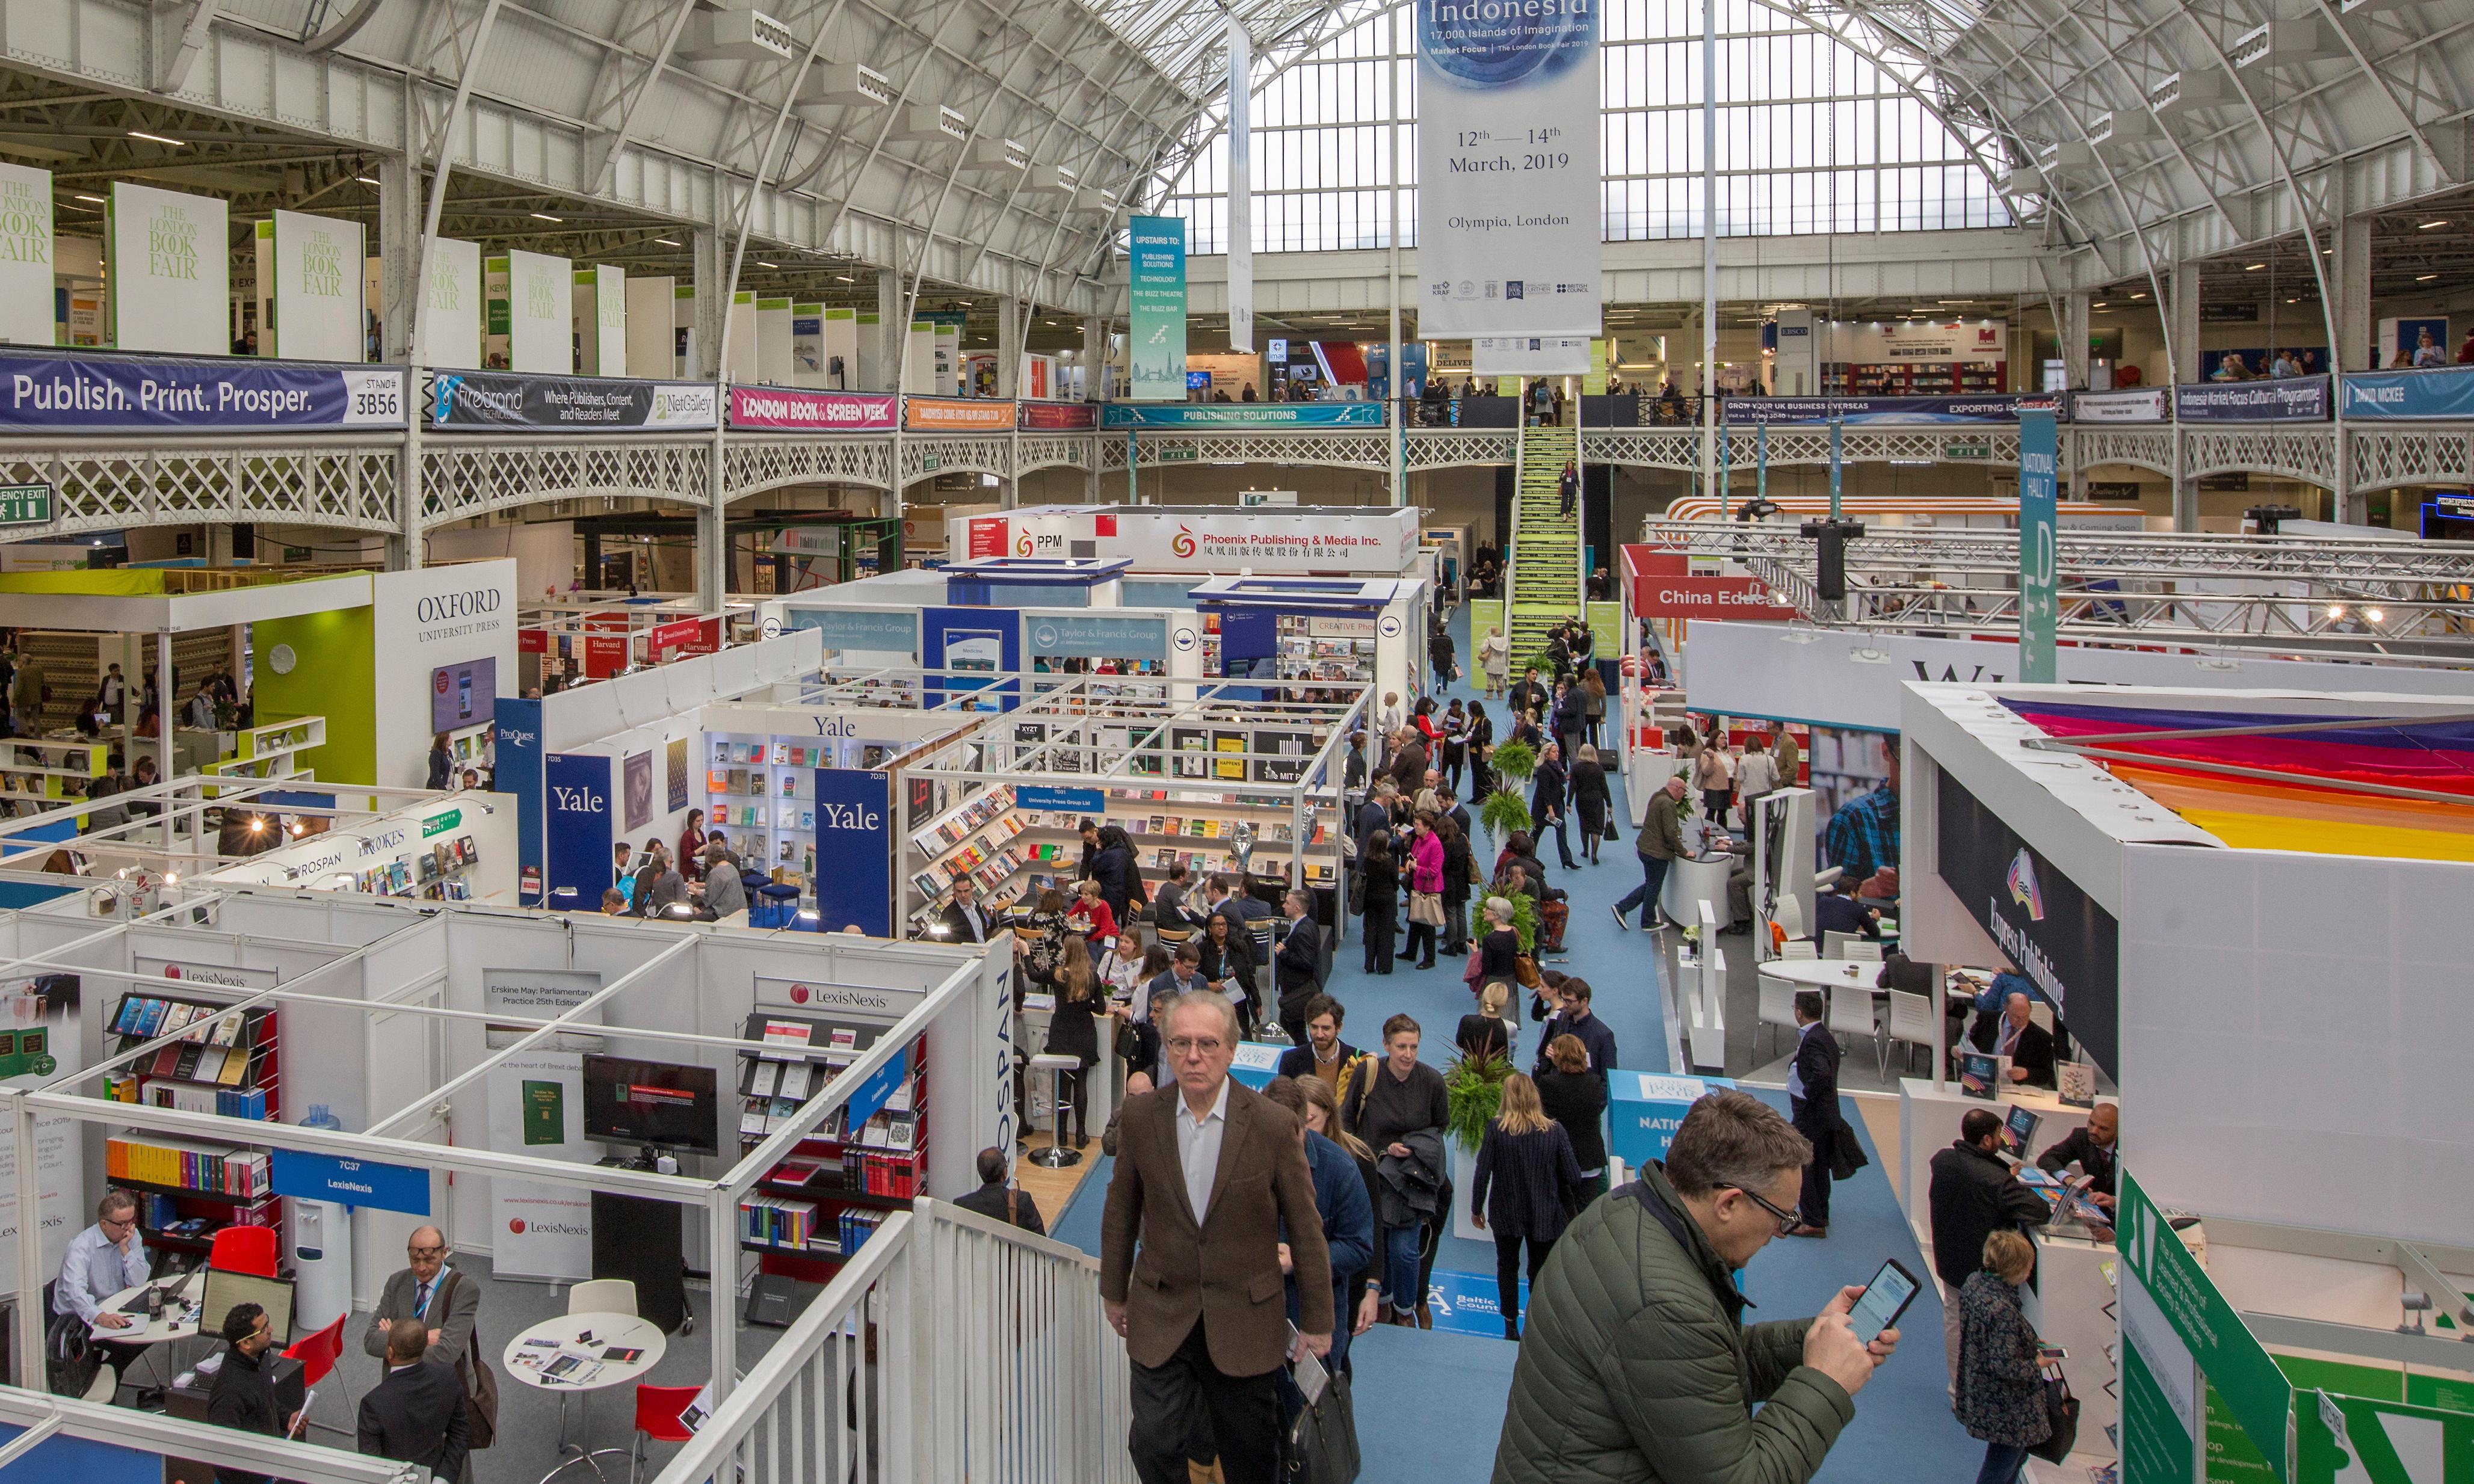 True crime grips London book fair 2019